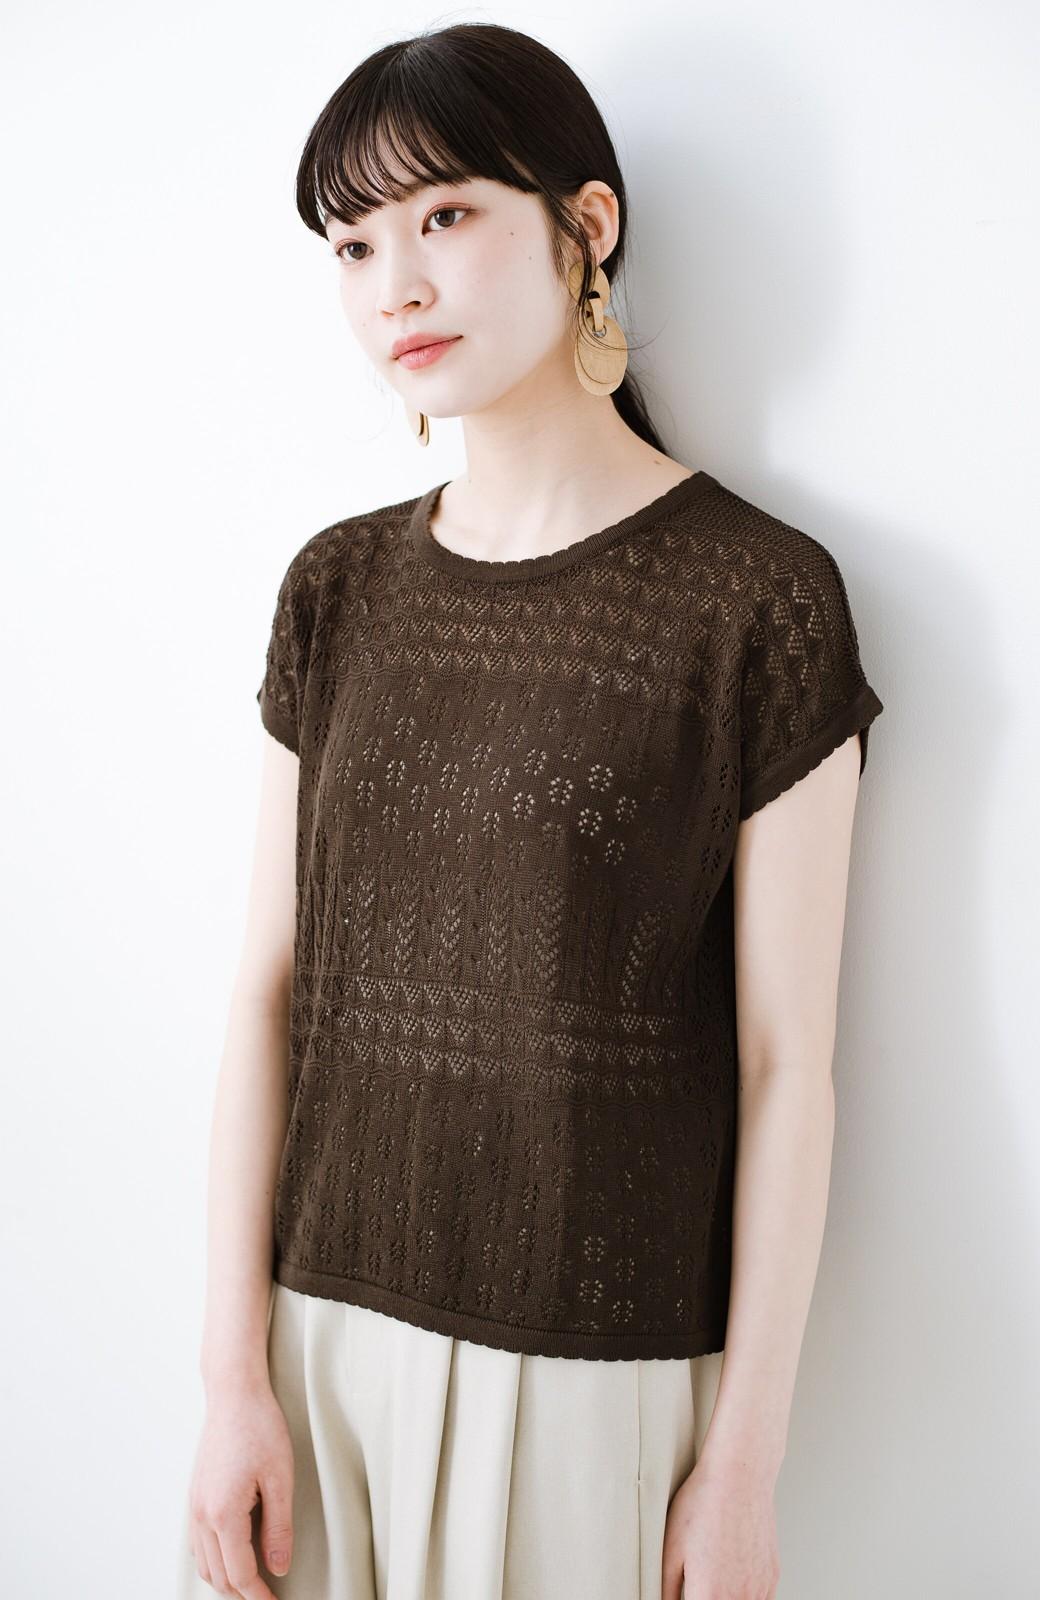 haco! 1枚でも重ね着にも便利なヘビロテしたくなる透かし編みニットトップス <チョコ>の商品写真1